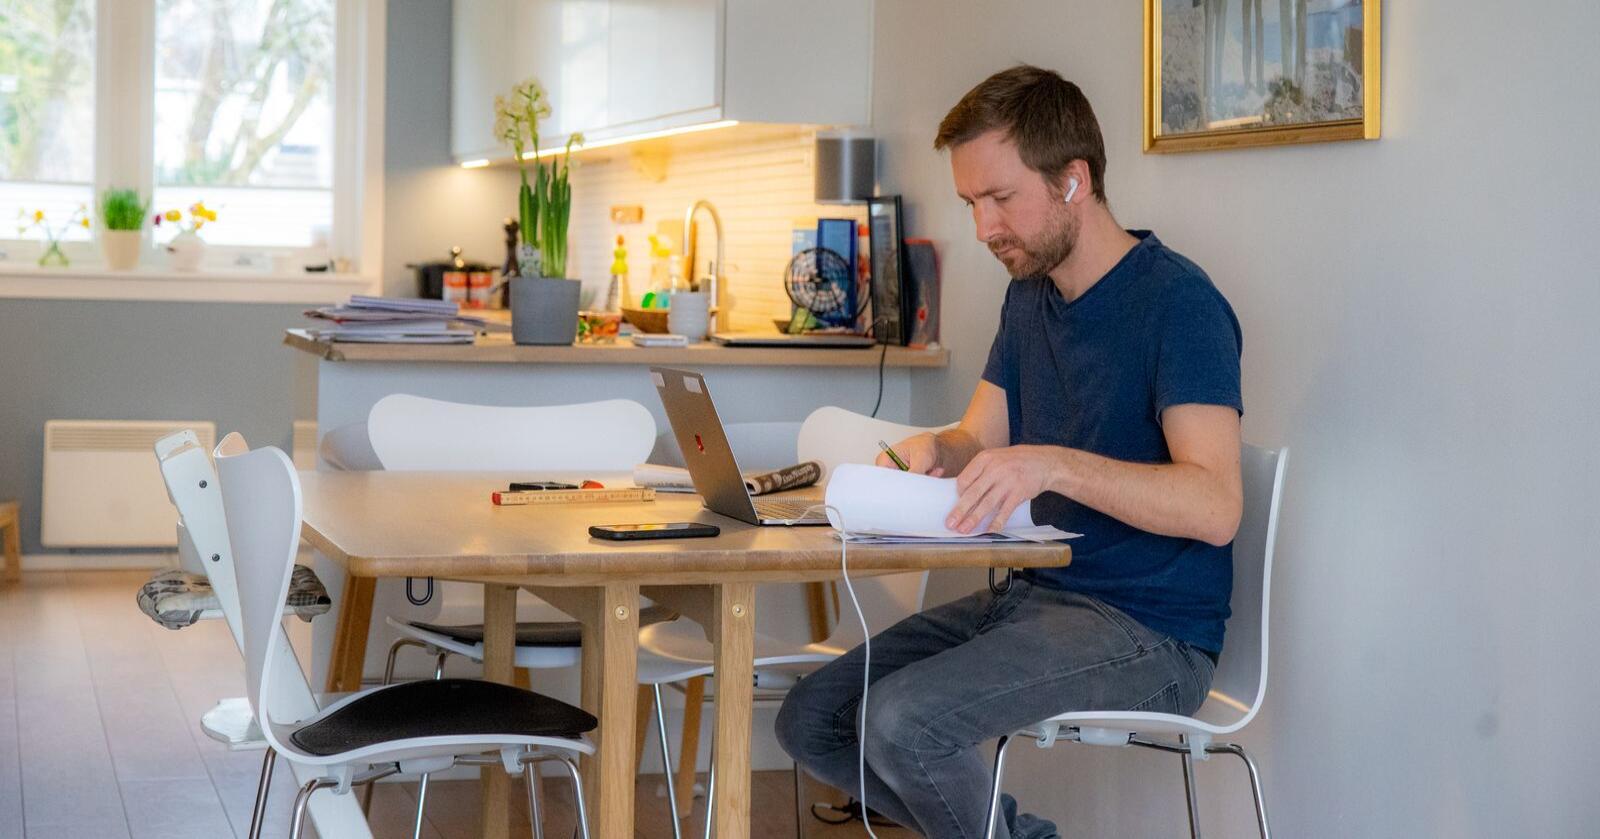 Hjemmekontor:  Det bør ikke være utenkelig at man fremover vil kunne søke på statlige arbeidsplasser uavhengig av hvor man bor, skriver innsenderen. Foto: Thomas Brun / NTB